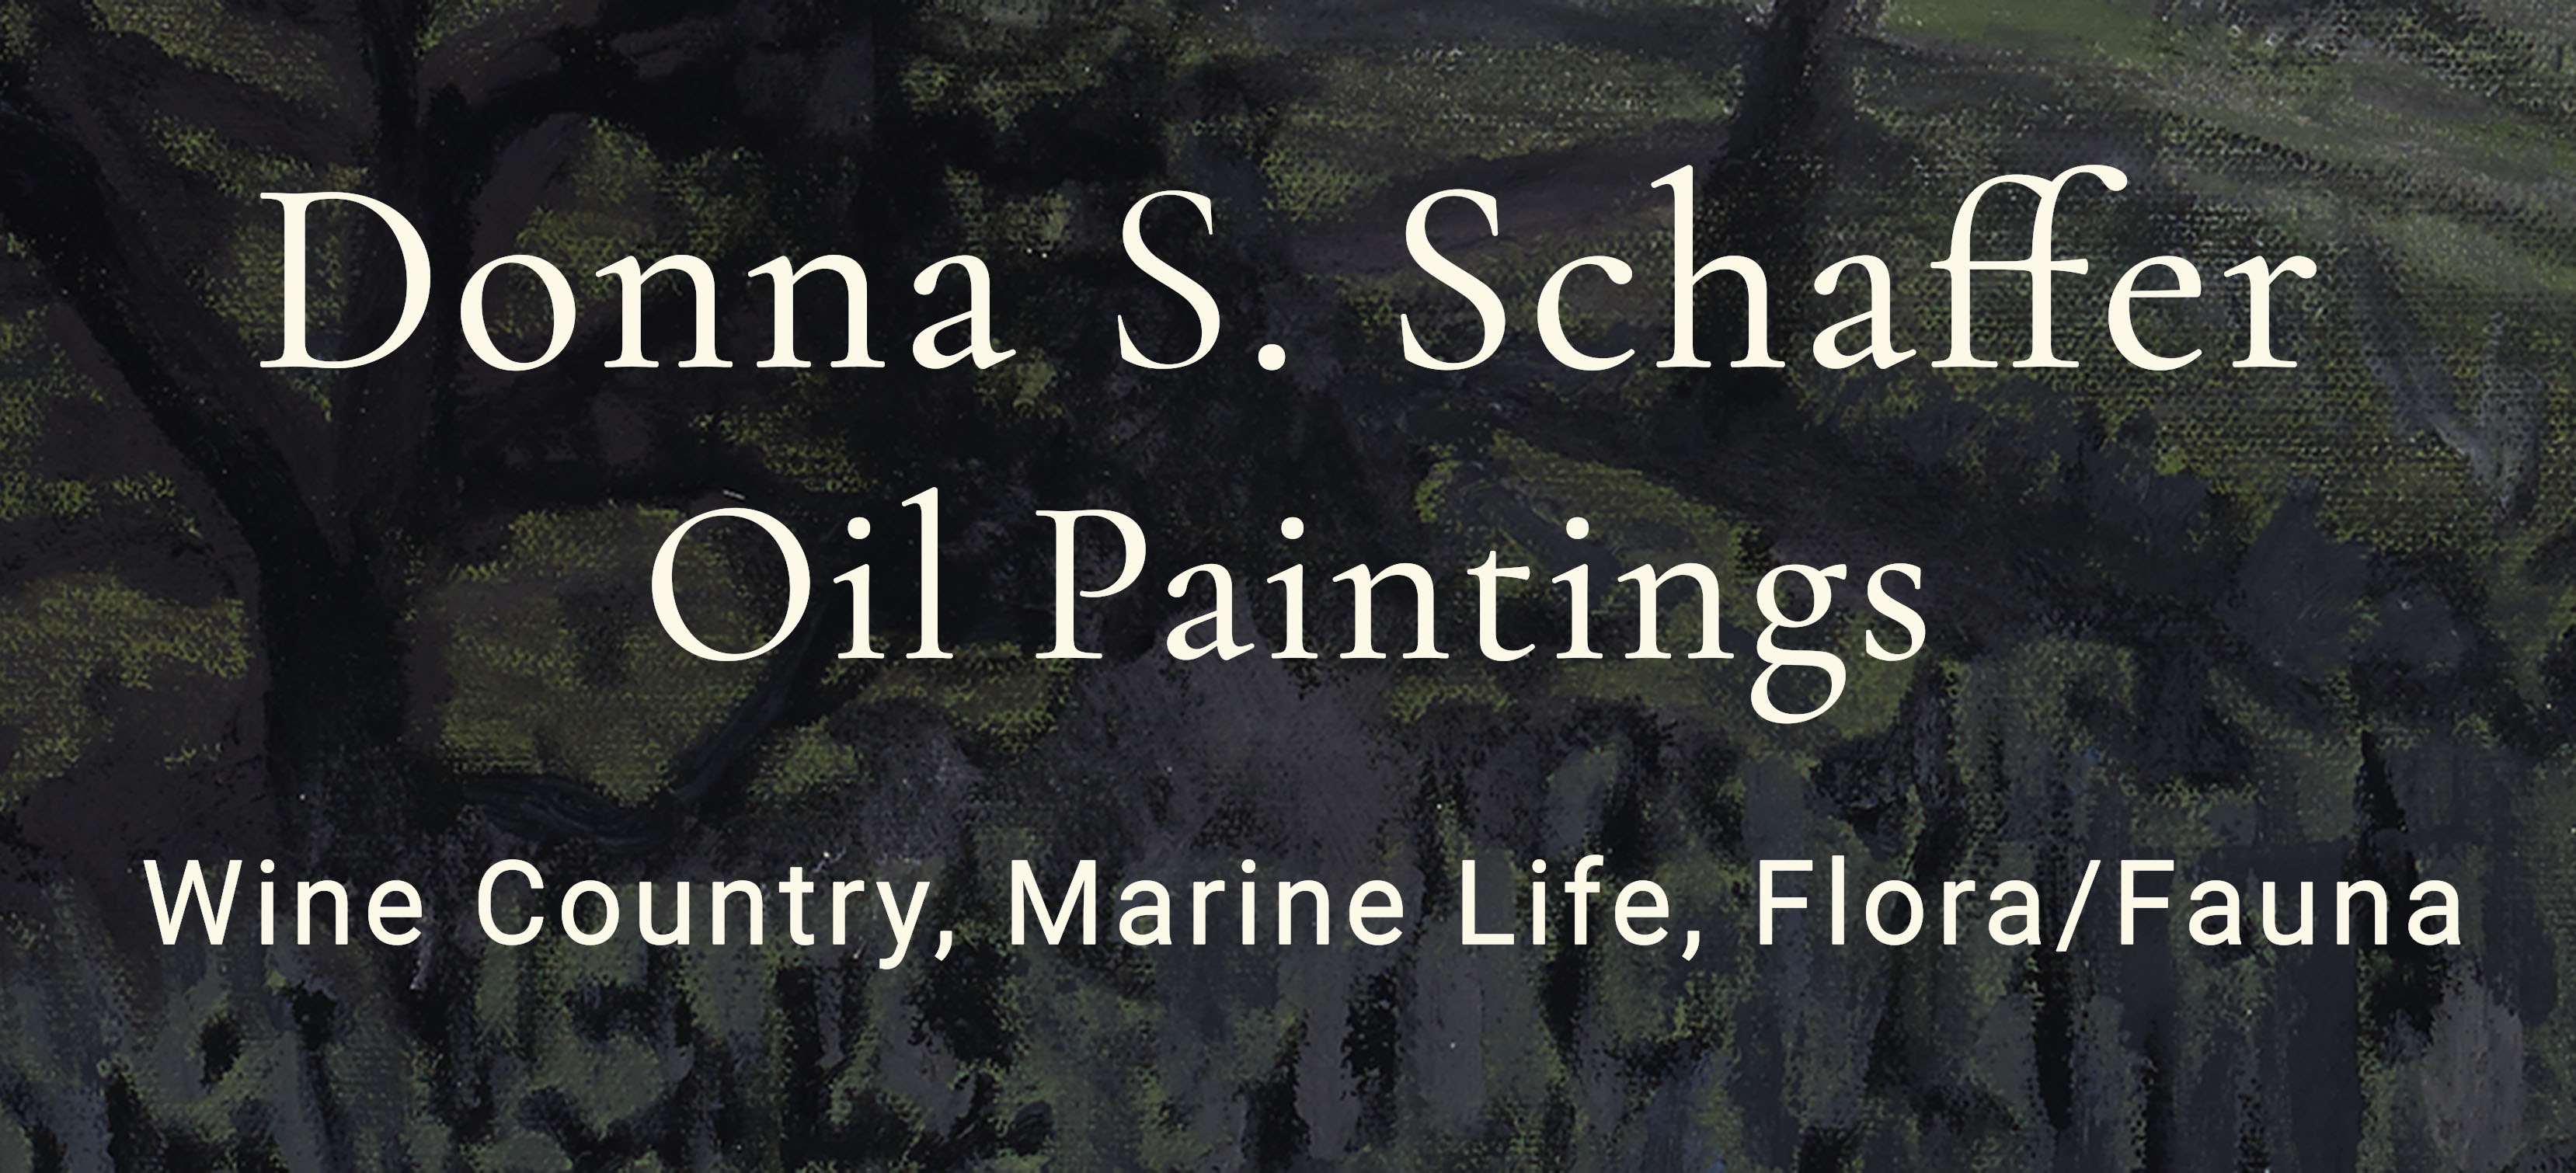 Donna Schaffer Original Oil Paintings Logo